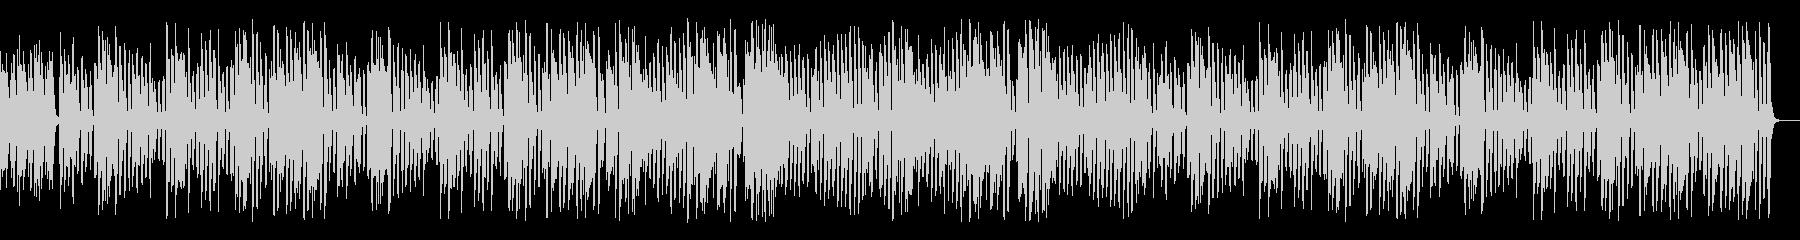 レトロジャズの超名曲エンターテイナーの未再生の波形